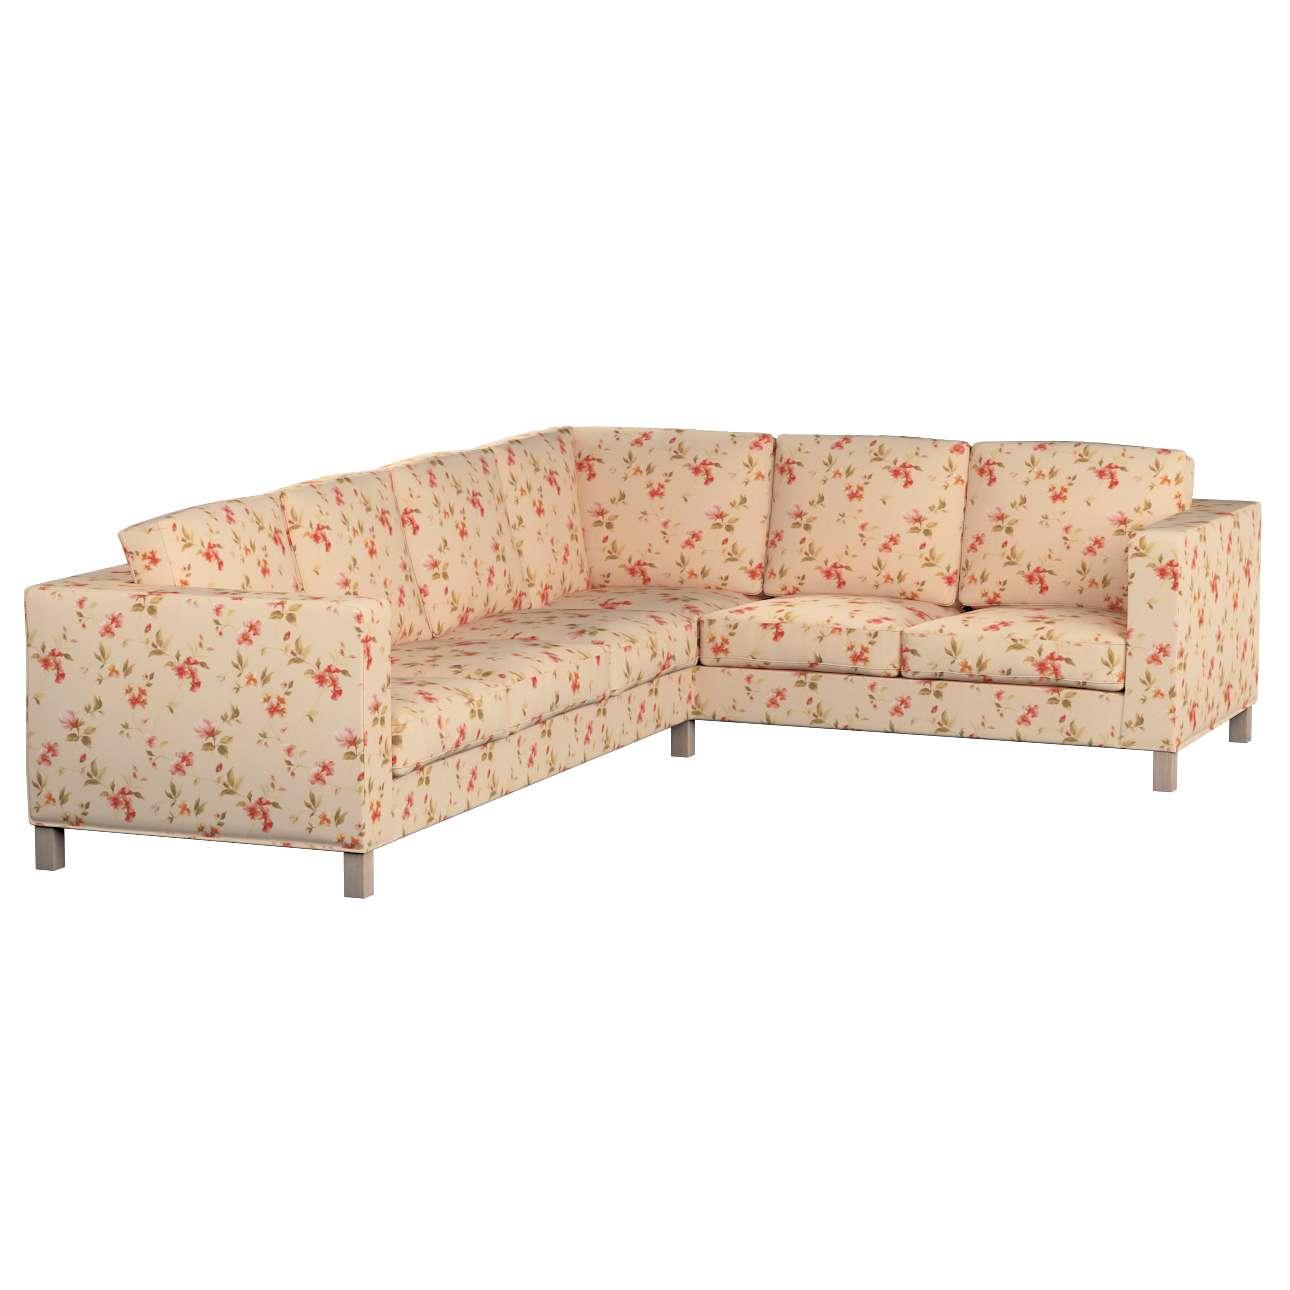 Pokrowiec na sofę narożną lewostronną Karlanda Sofa narożna lewostronna Karlanda w kolekcji Londres, tkanina: 124-05